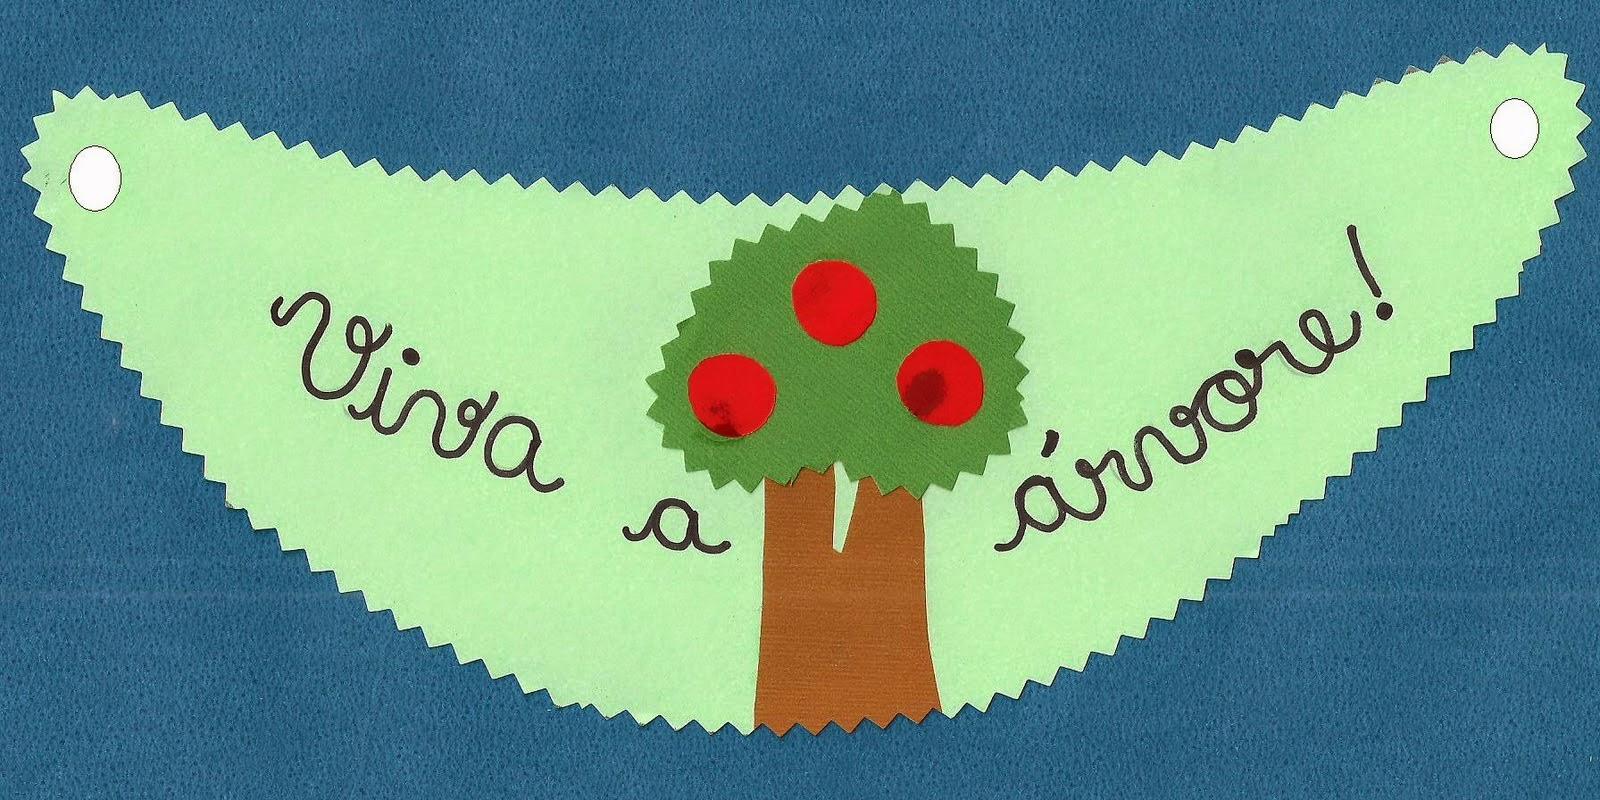 Imagens De Arvore Para Imprimir: Notícias Ponto Com : Dia Da árvore: Viseiras Para Imprimir